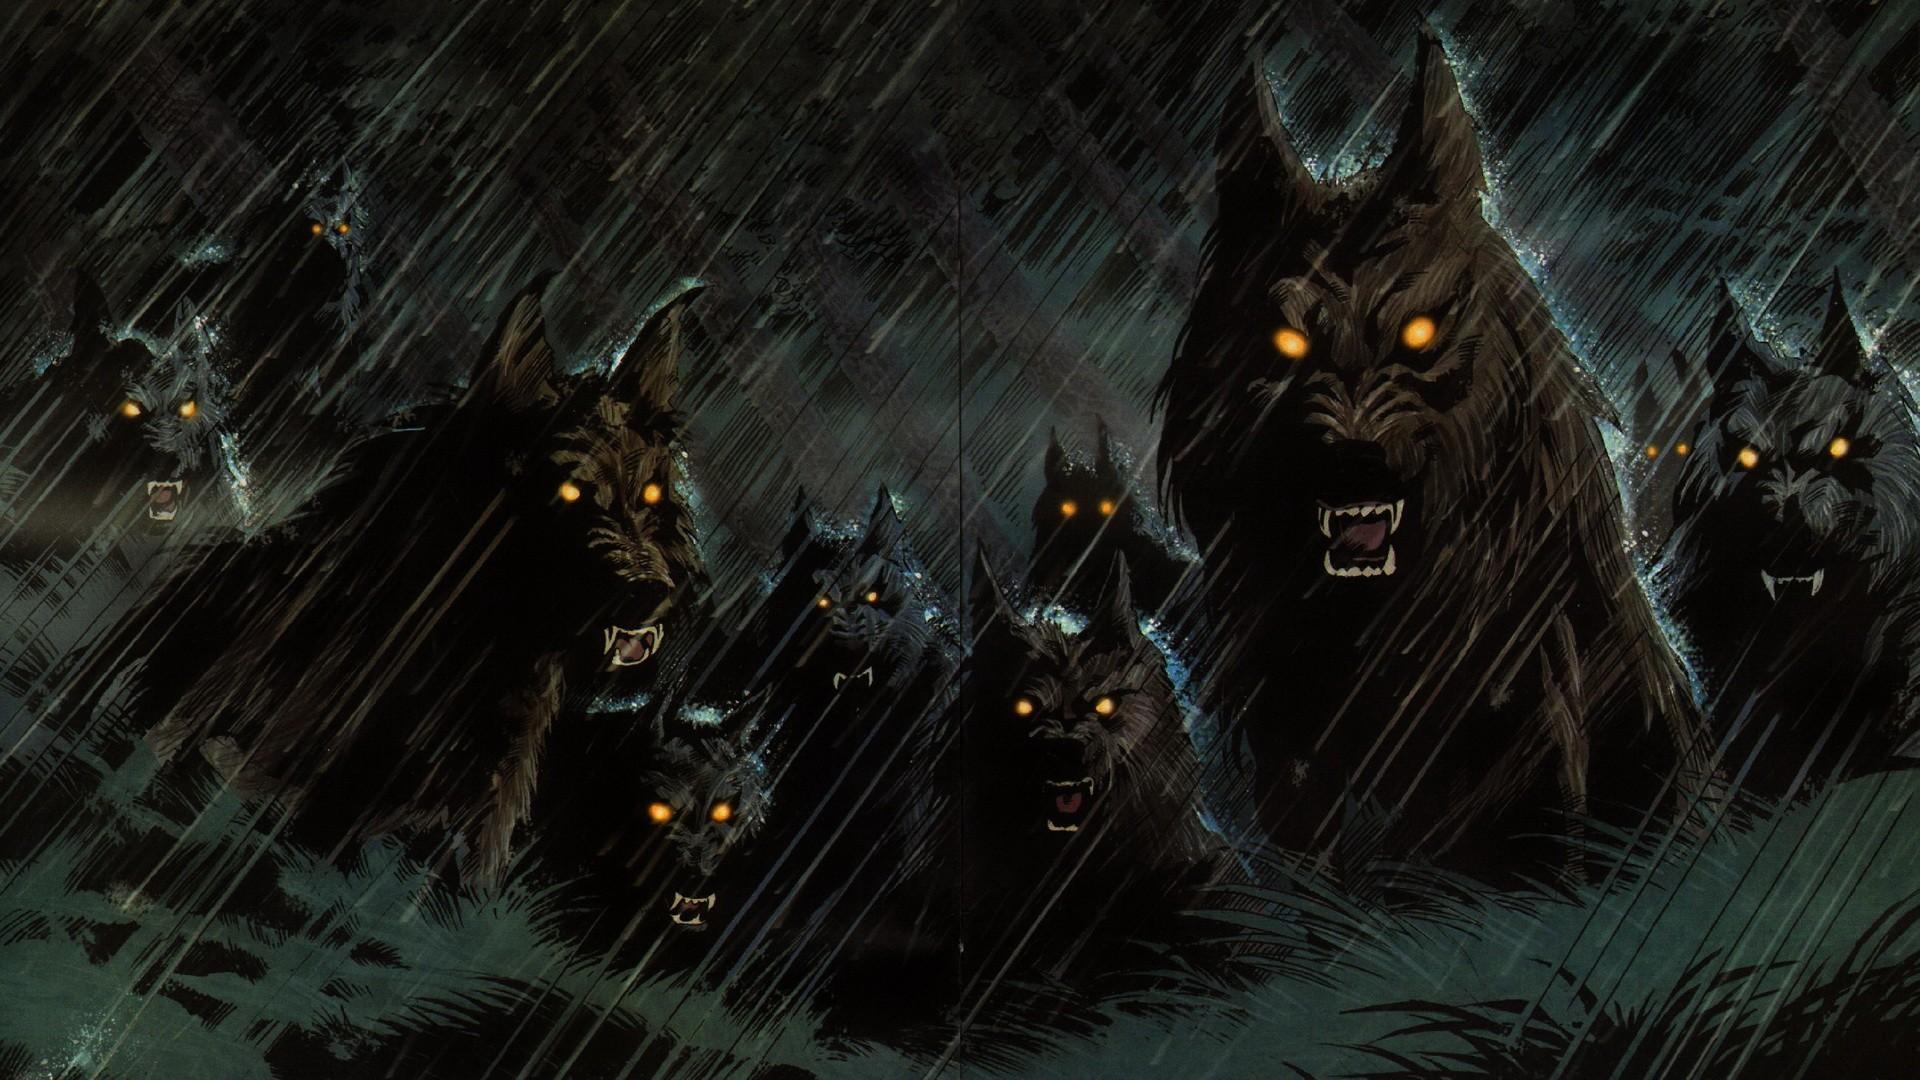 evil fantasy